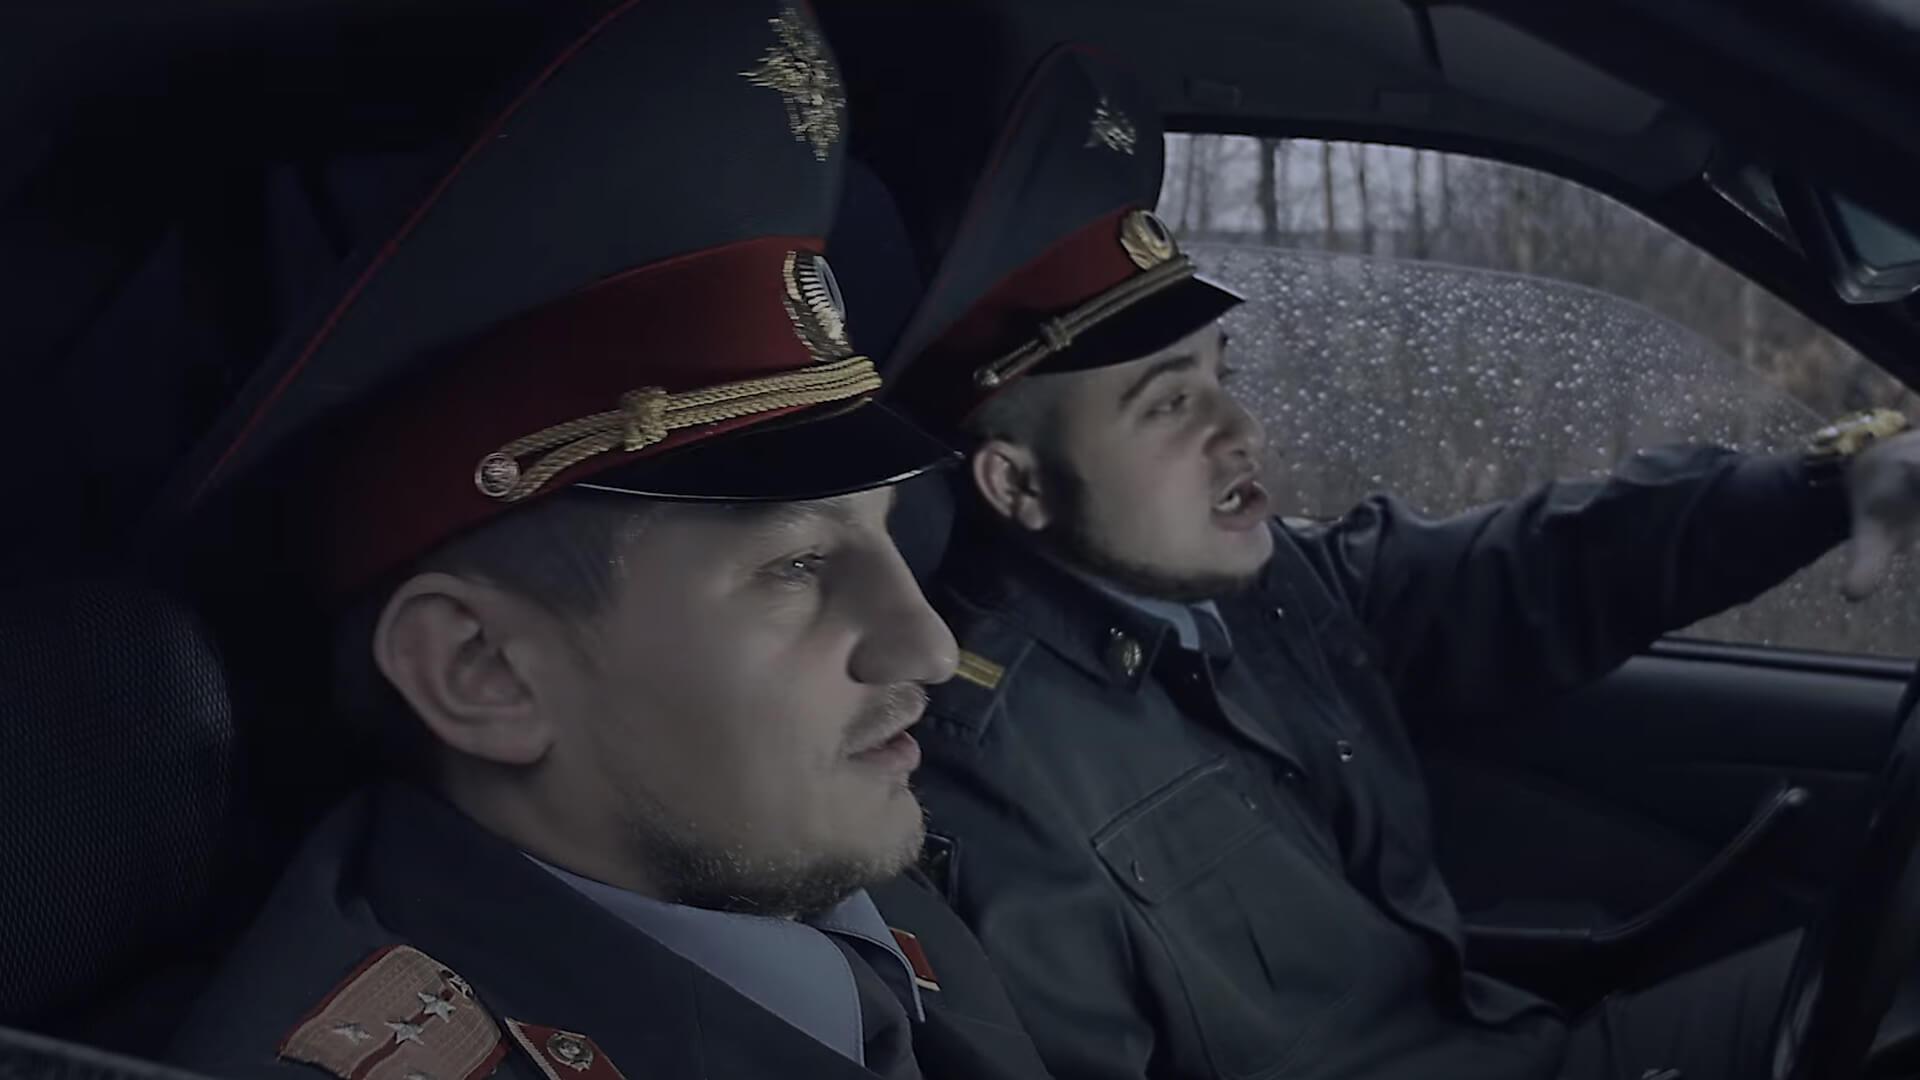 заказать рекламный ролик в Москве цена